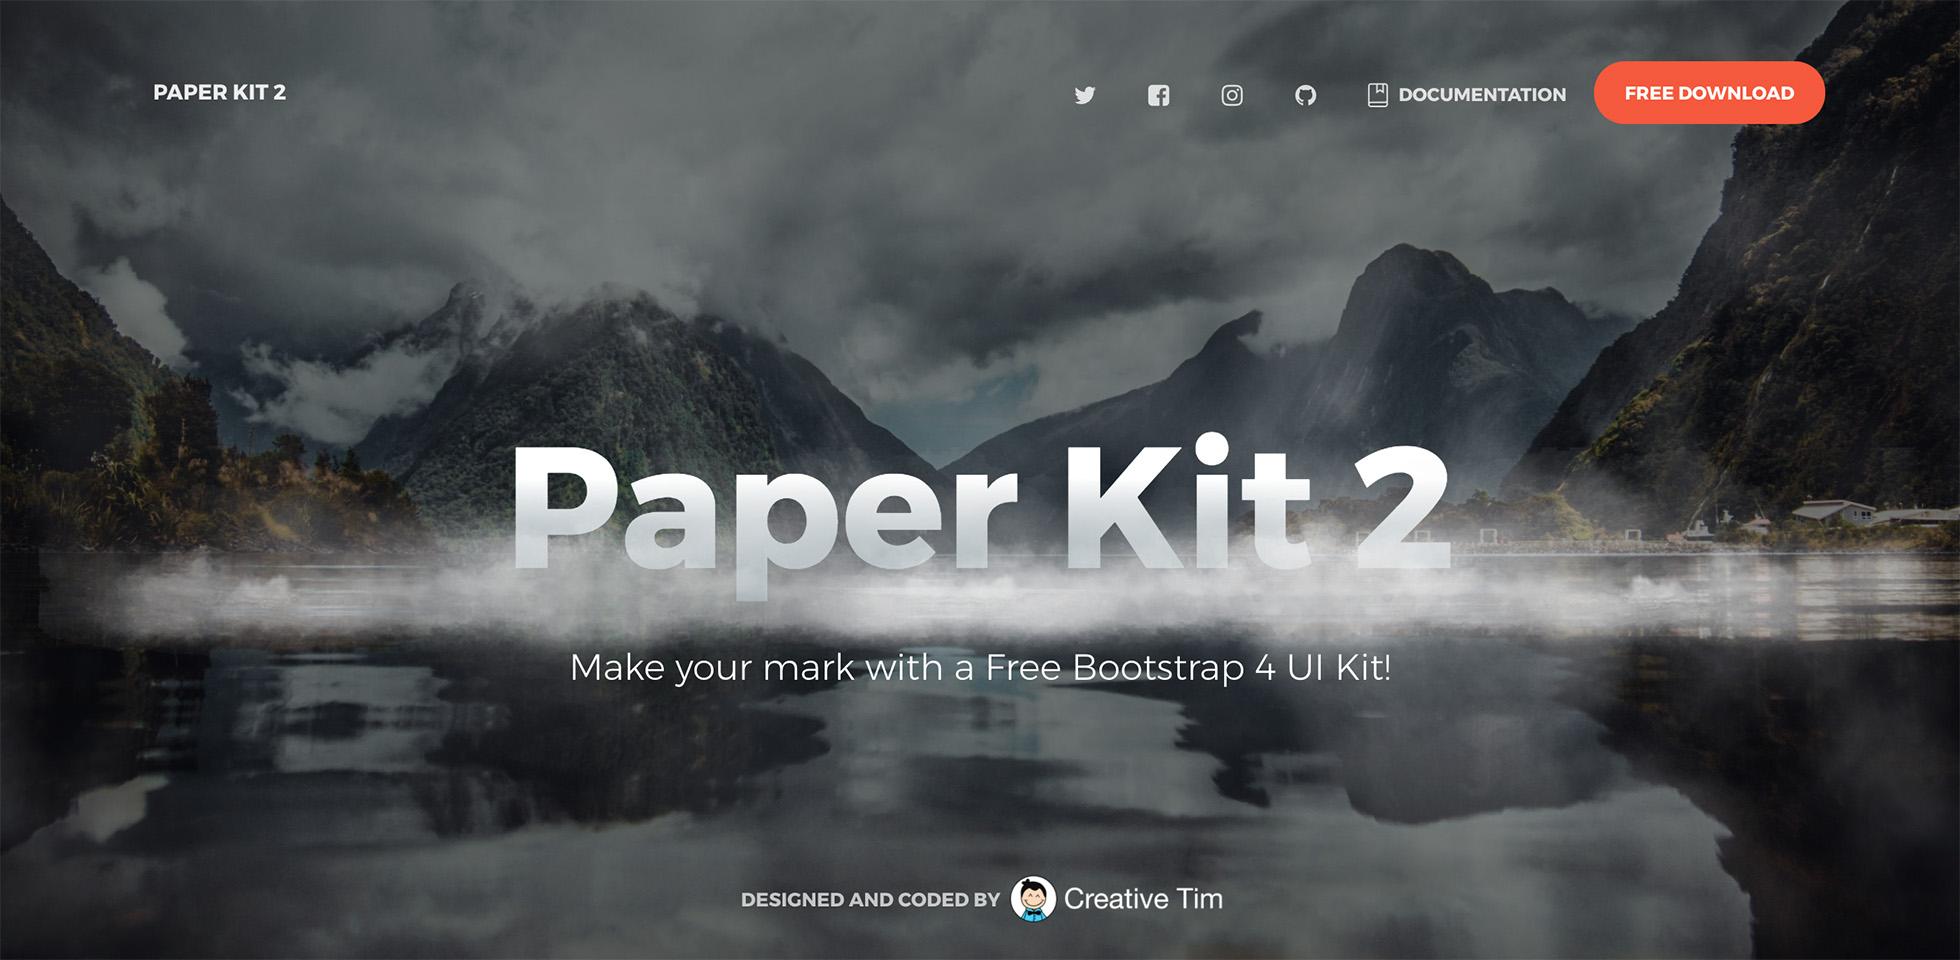 Free Download: Paper Kit 2